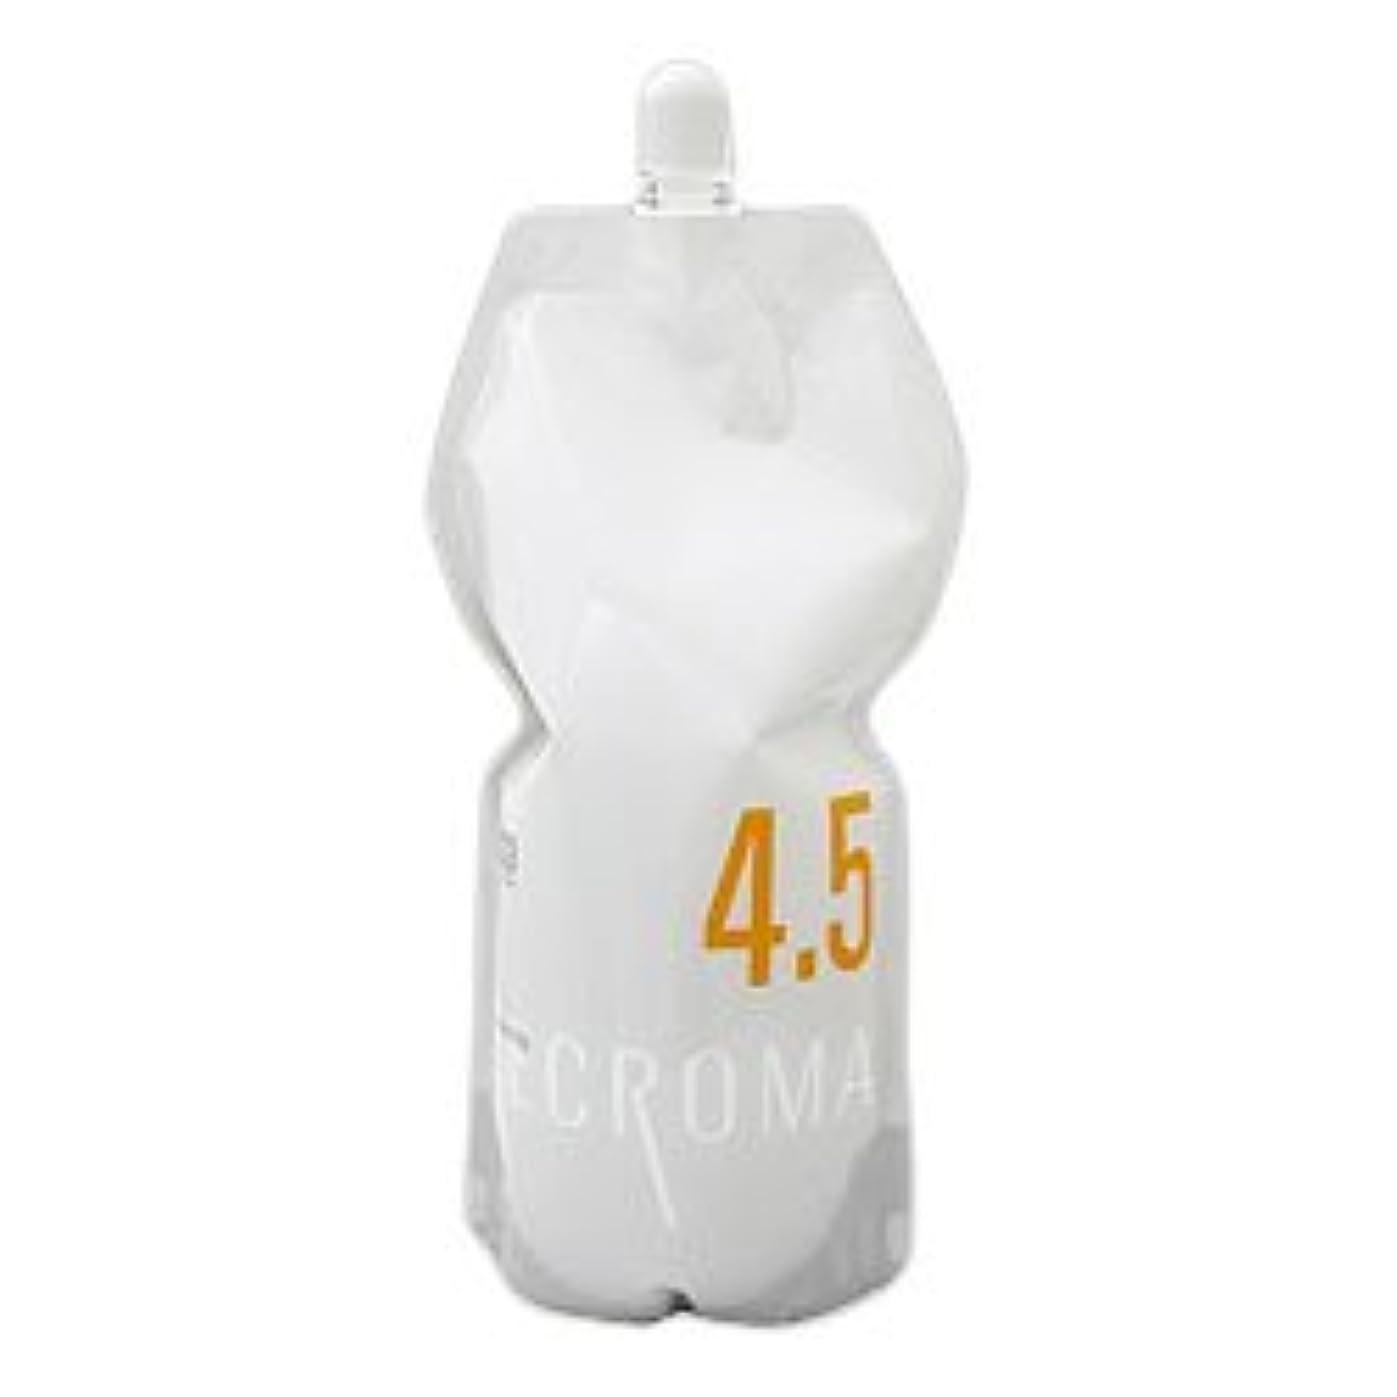 ノベルティ警告信じられないナンバースリー リクロマ オキシ OX 1200ml (レフィル) 4.5% 【ヘアカラー2剤】【業務用】【医薬部外品】